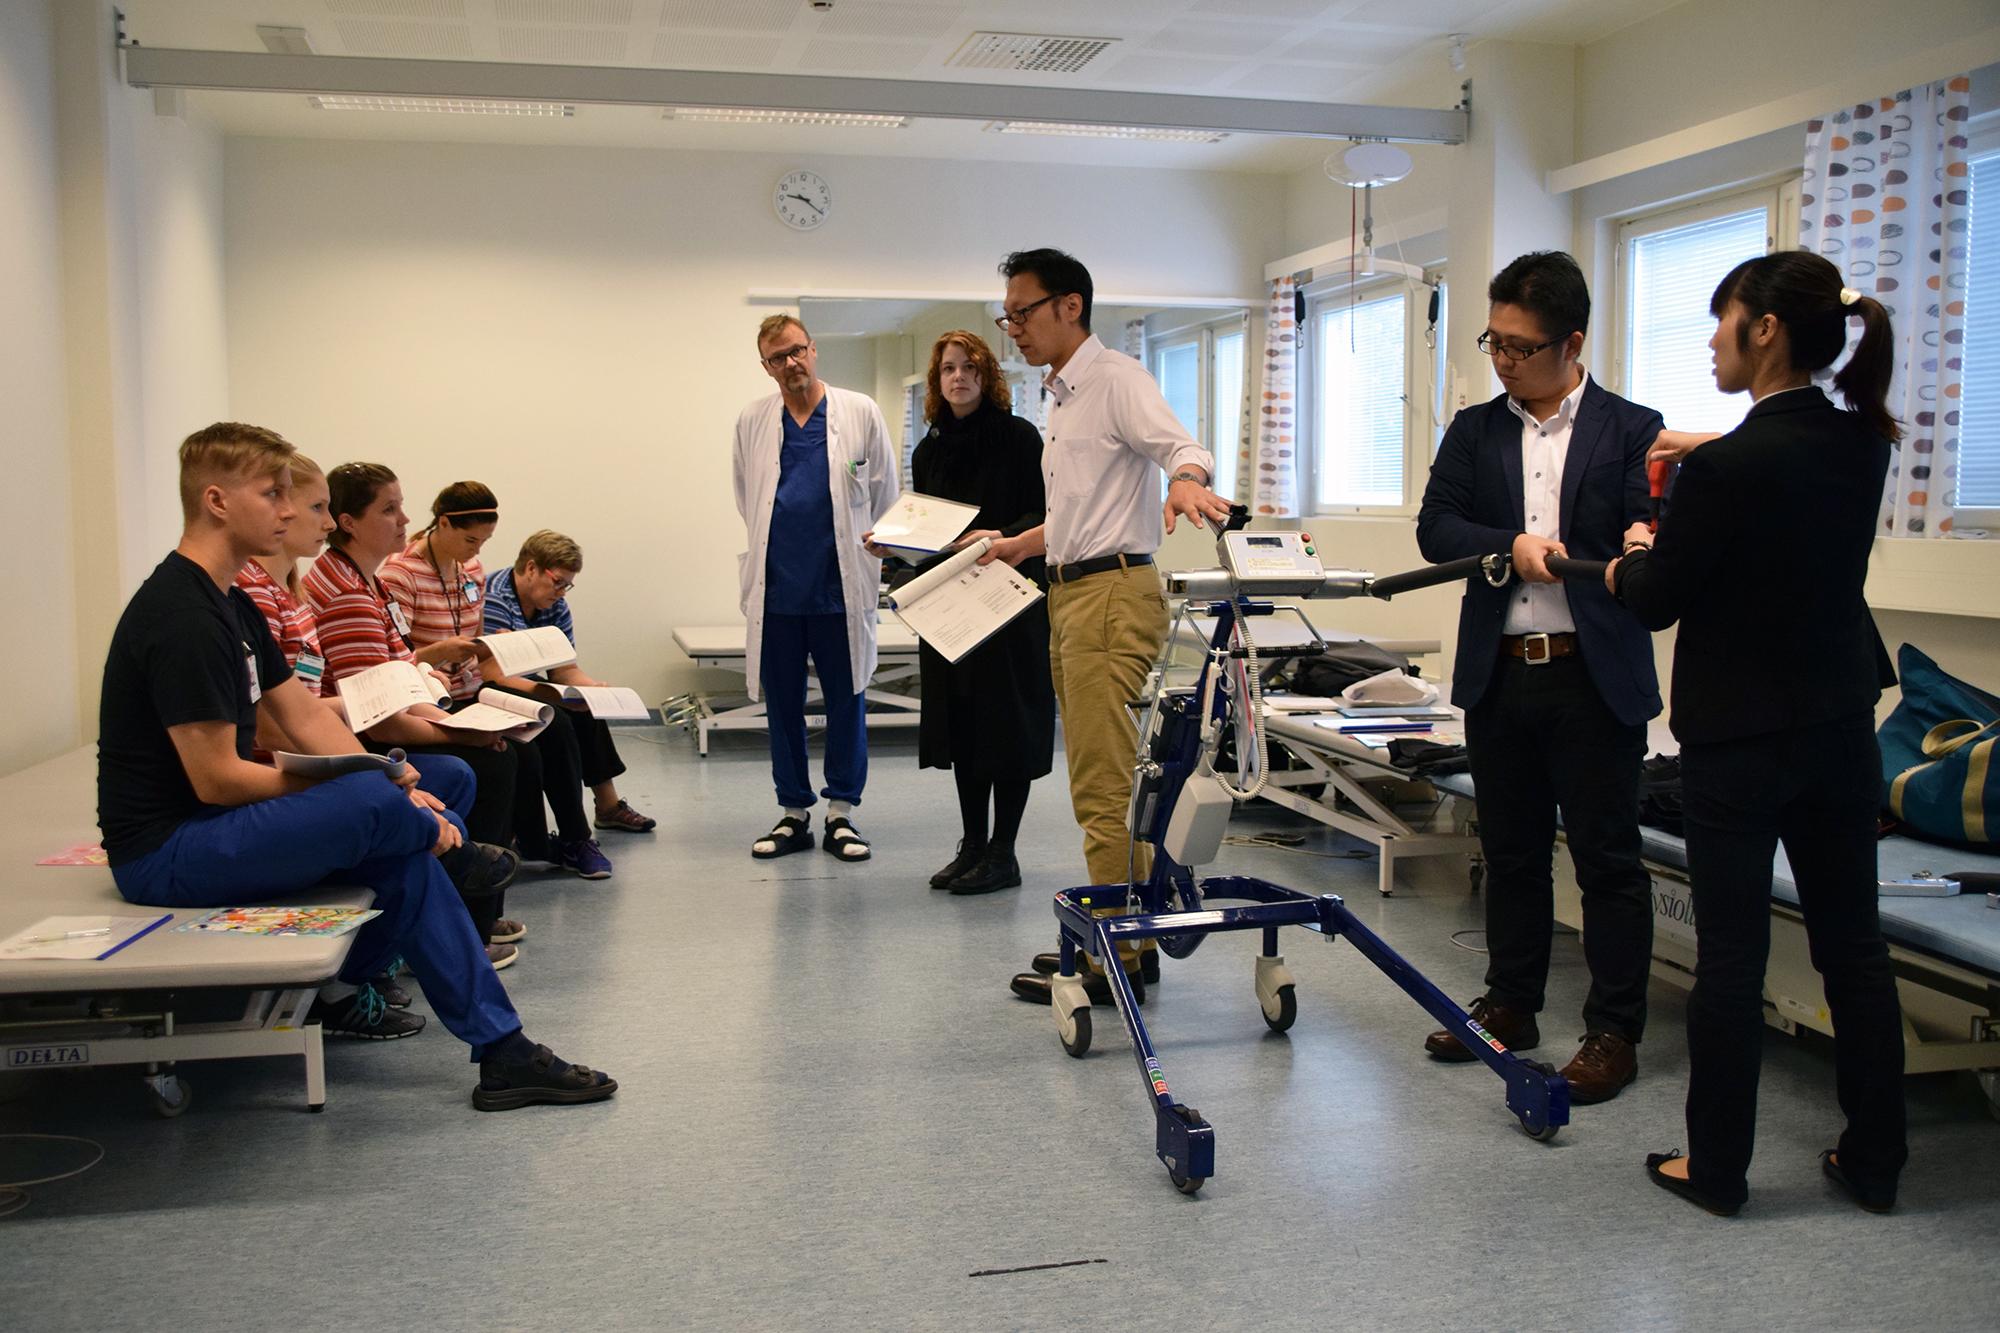 Japanilaisia asiantuntijoita ja suomalaisia ammattilaisia koulutuksessa.